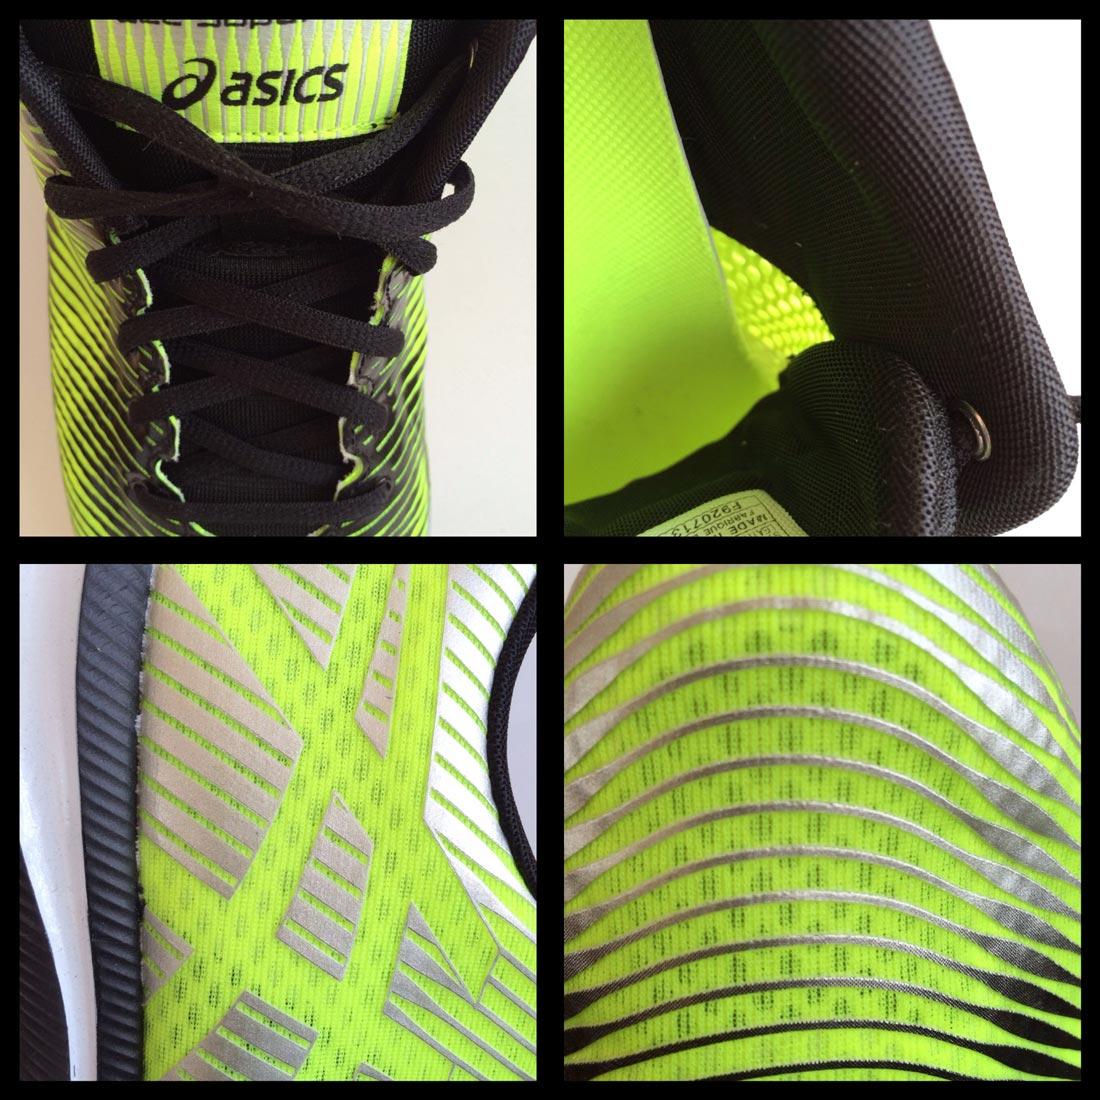 Détails de la chaussure de running Asics Gel-Super J33. Ph. Moctar KANE.